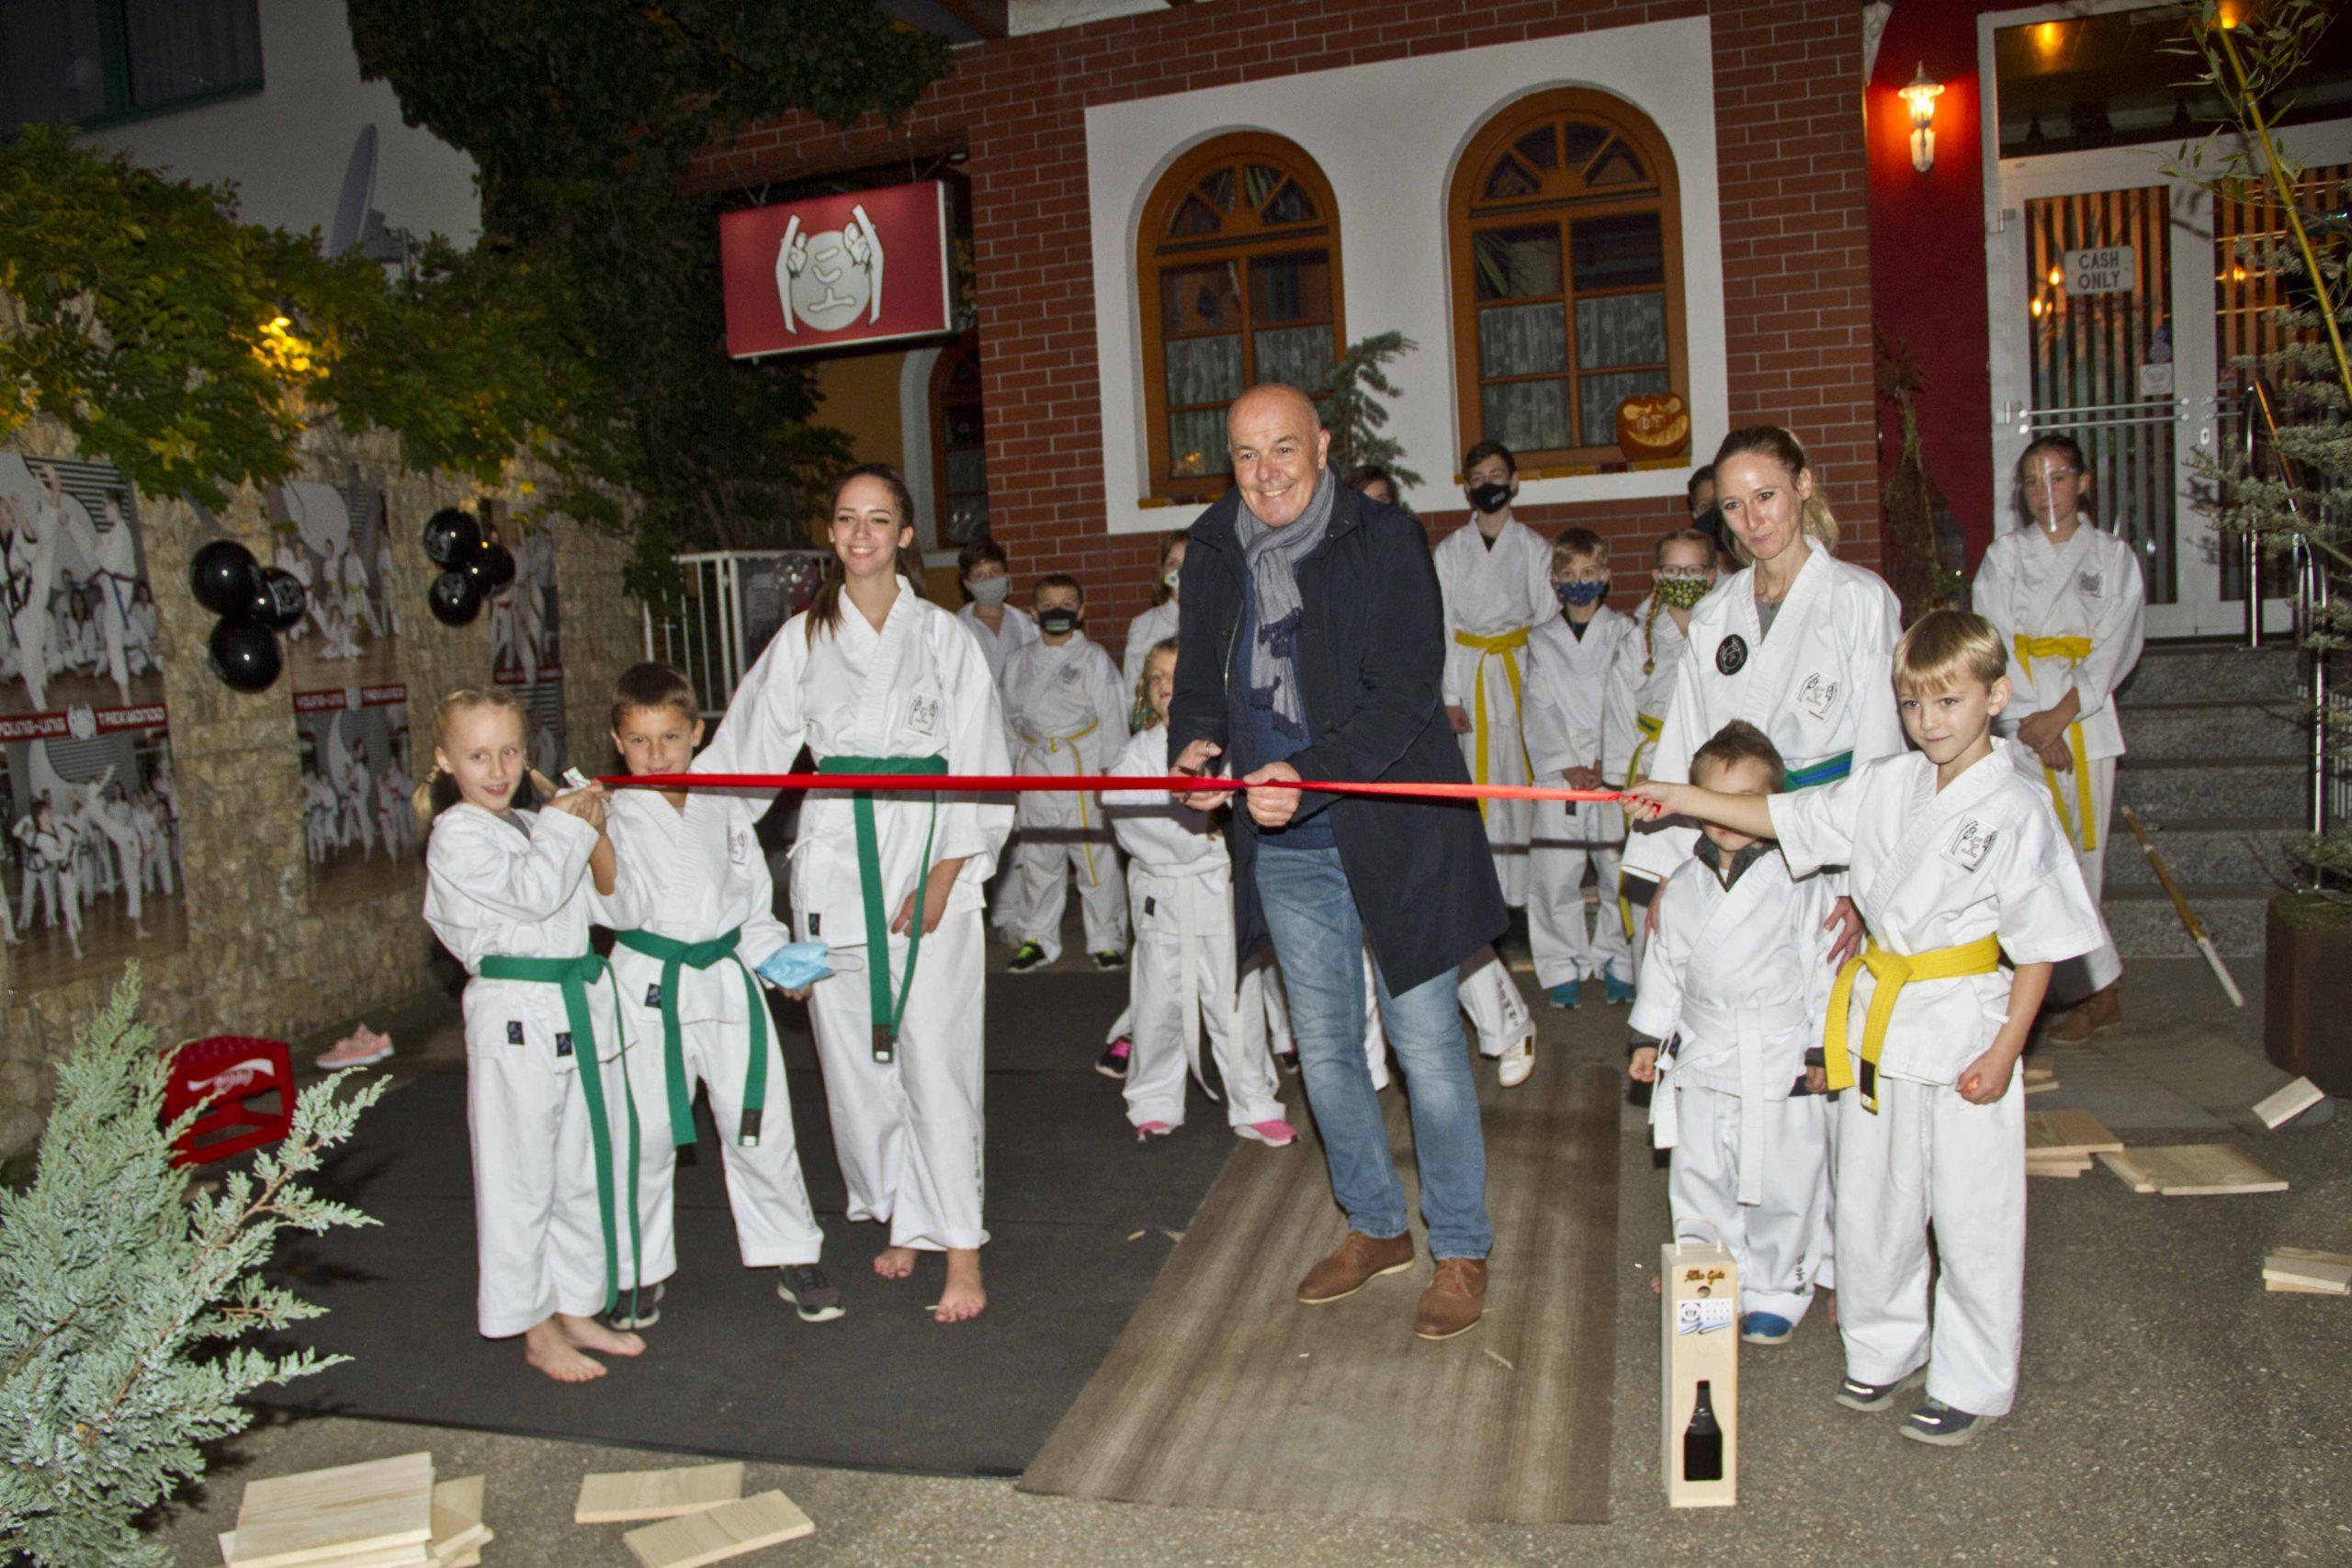 Taekwondo Gruppe -Bürgermeister zerschneidet rotes Band